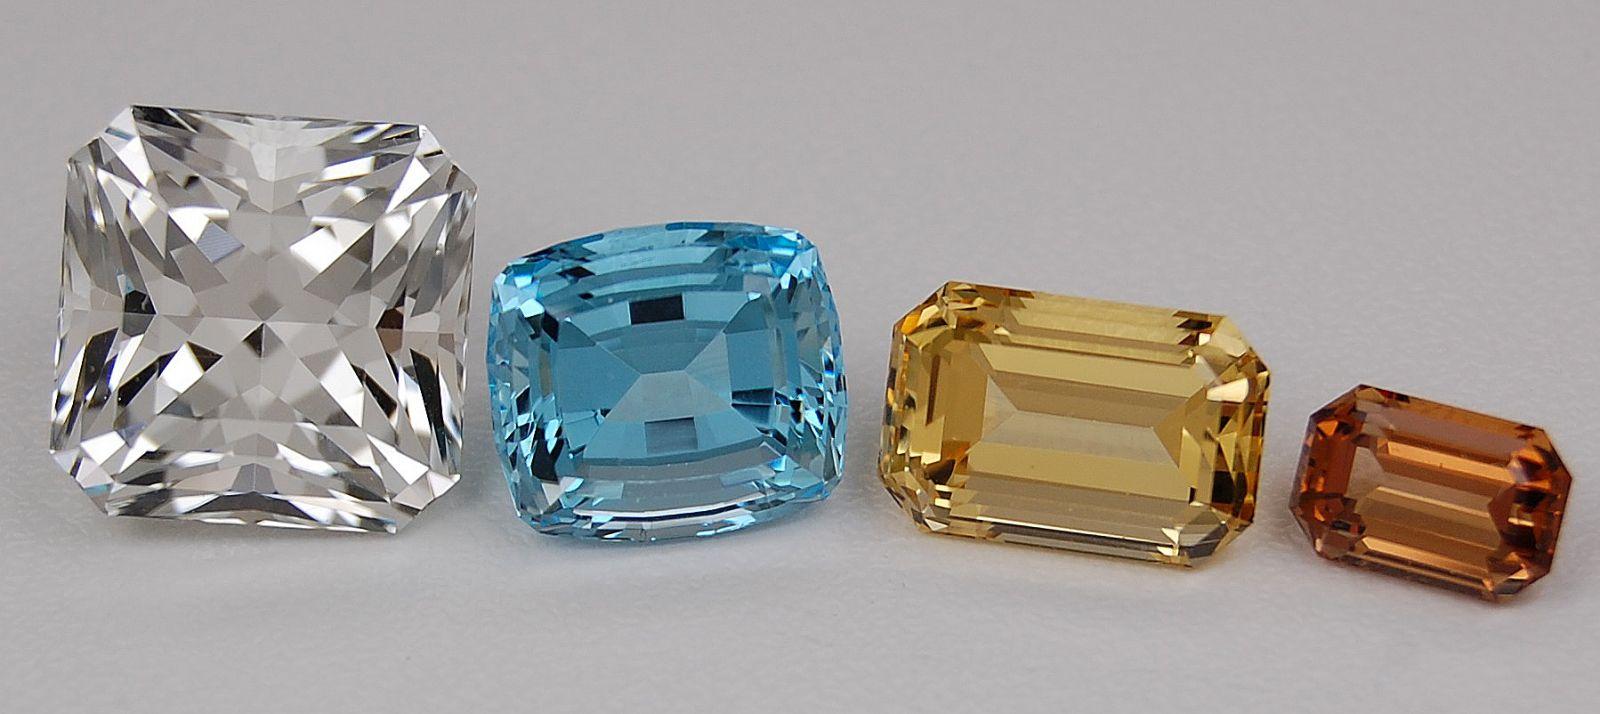 Топаз камень: фото легенды и свойства минерала